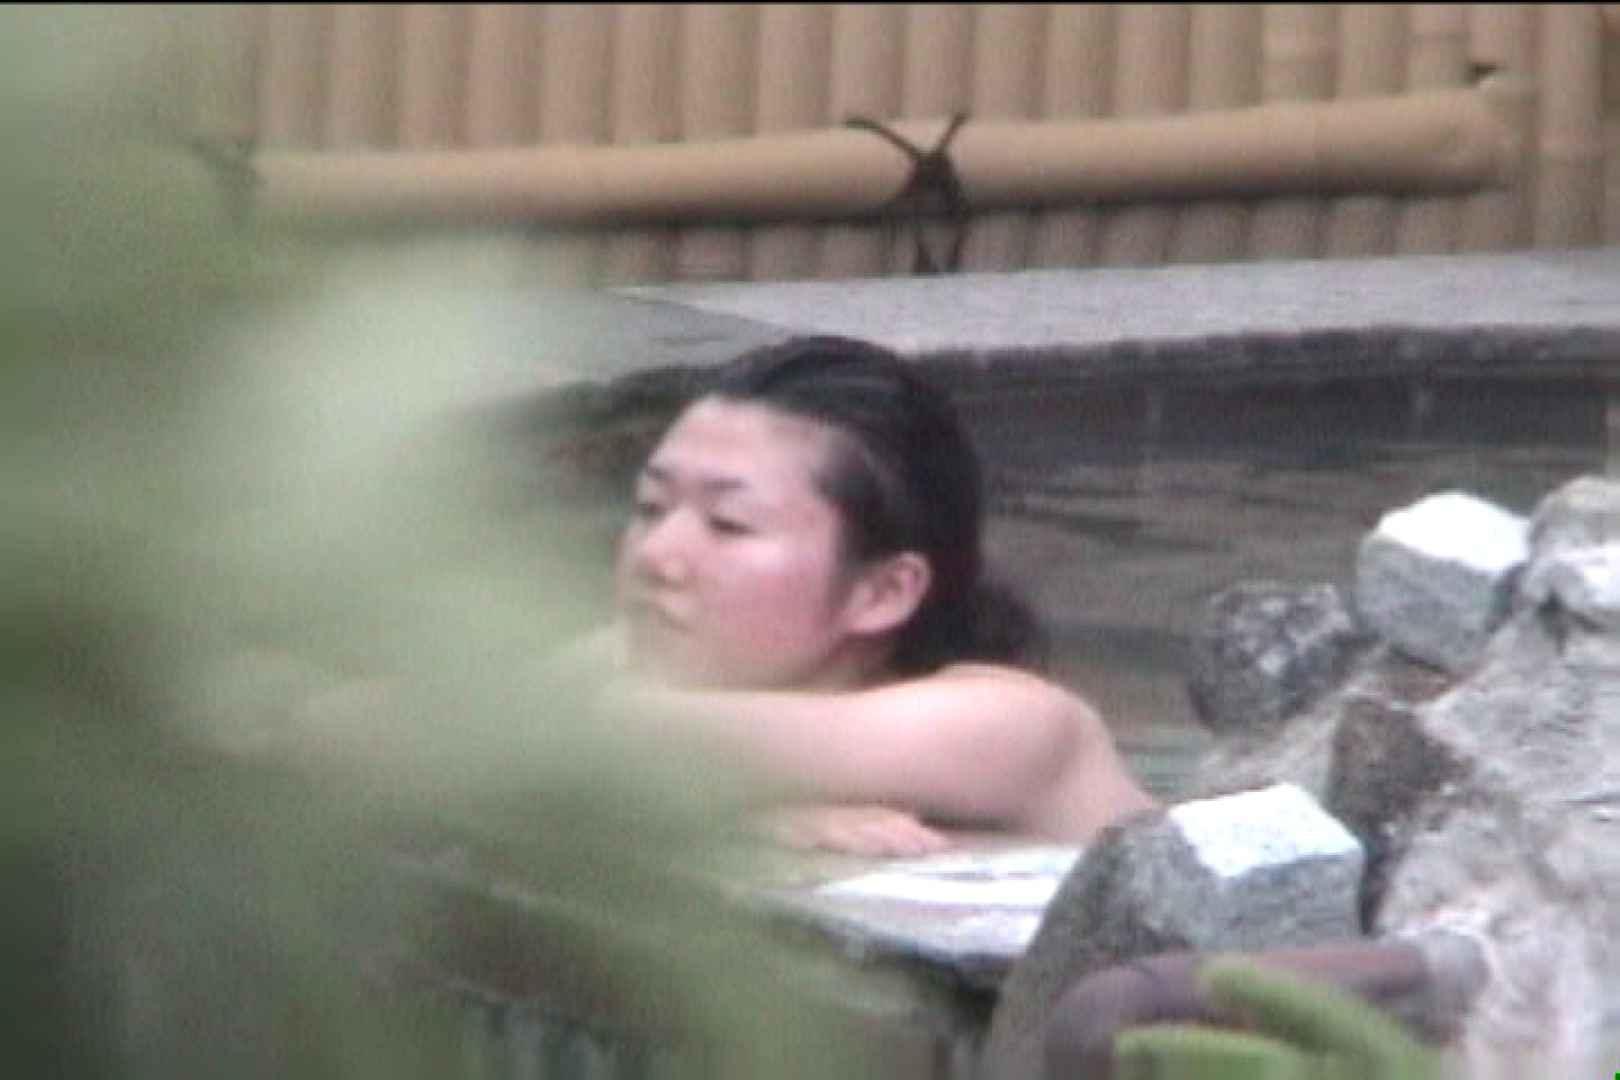 Aquaな露天風呂Vol.93【VIP限定】 盗撮シリーズ  76PIX 68